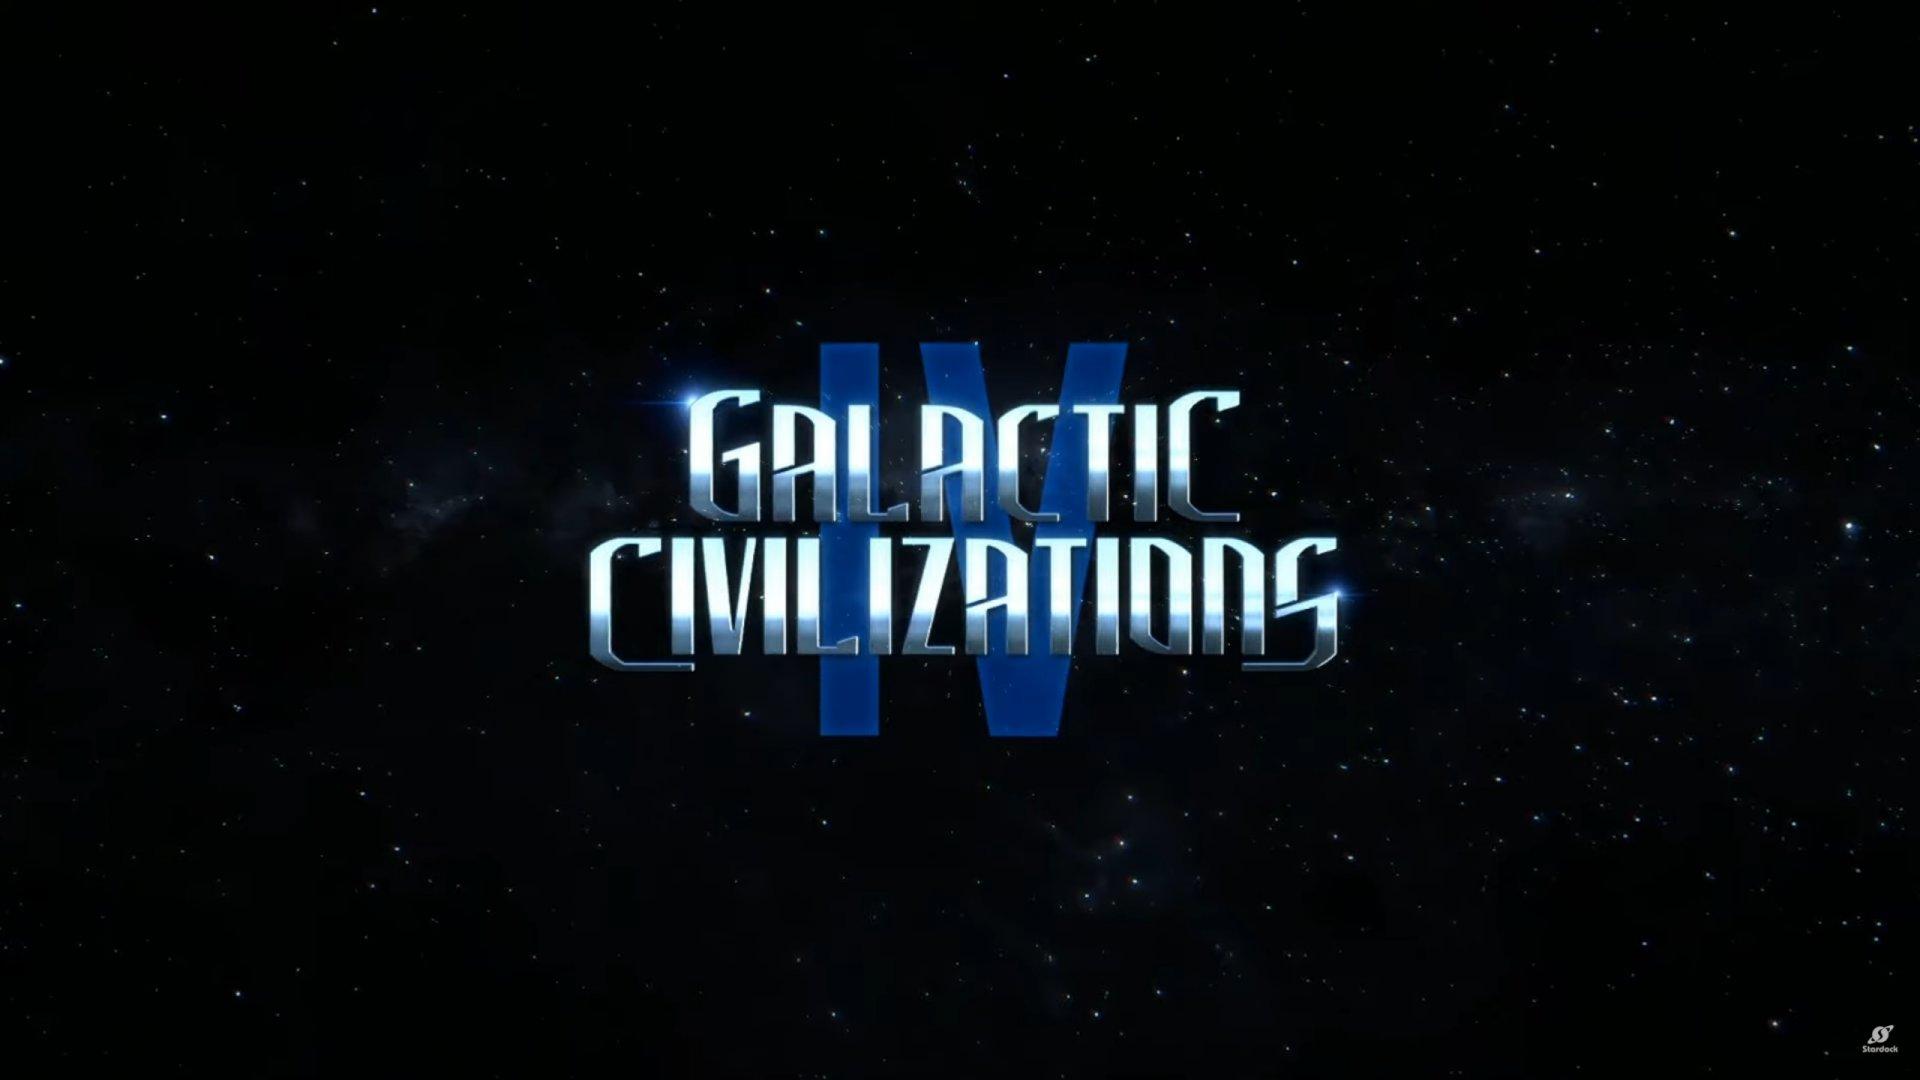 Galactic Civilizations 4